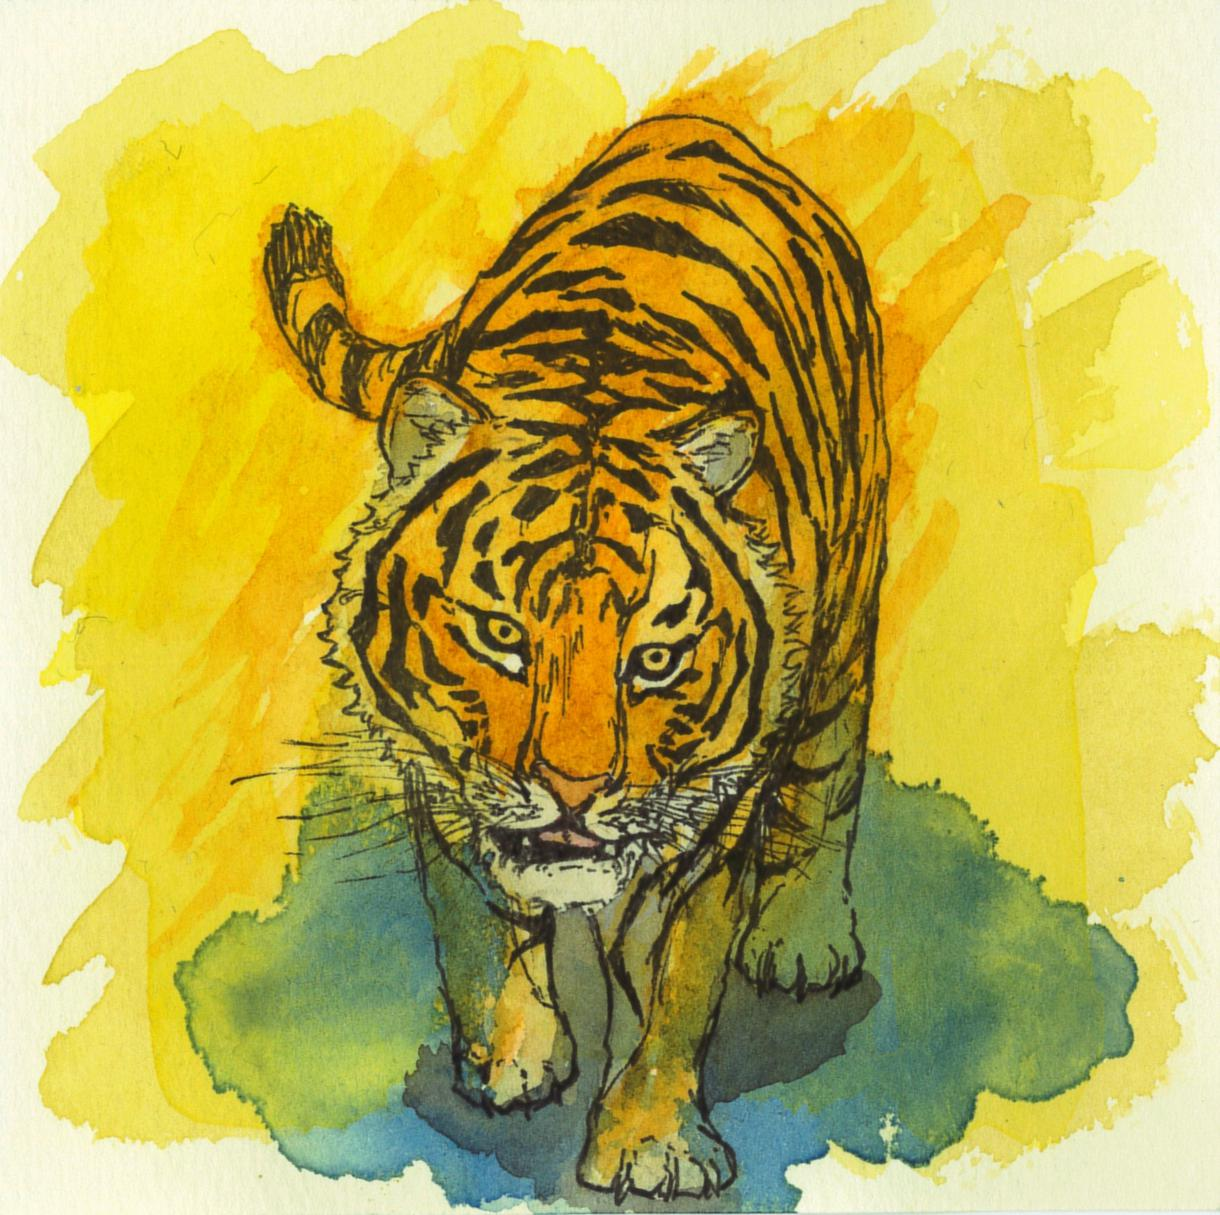 超攻撃的水彩画アイコン描きます 生物水彩画アイコン迅速提供大学生